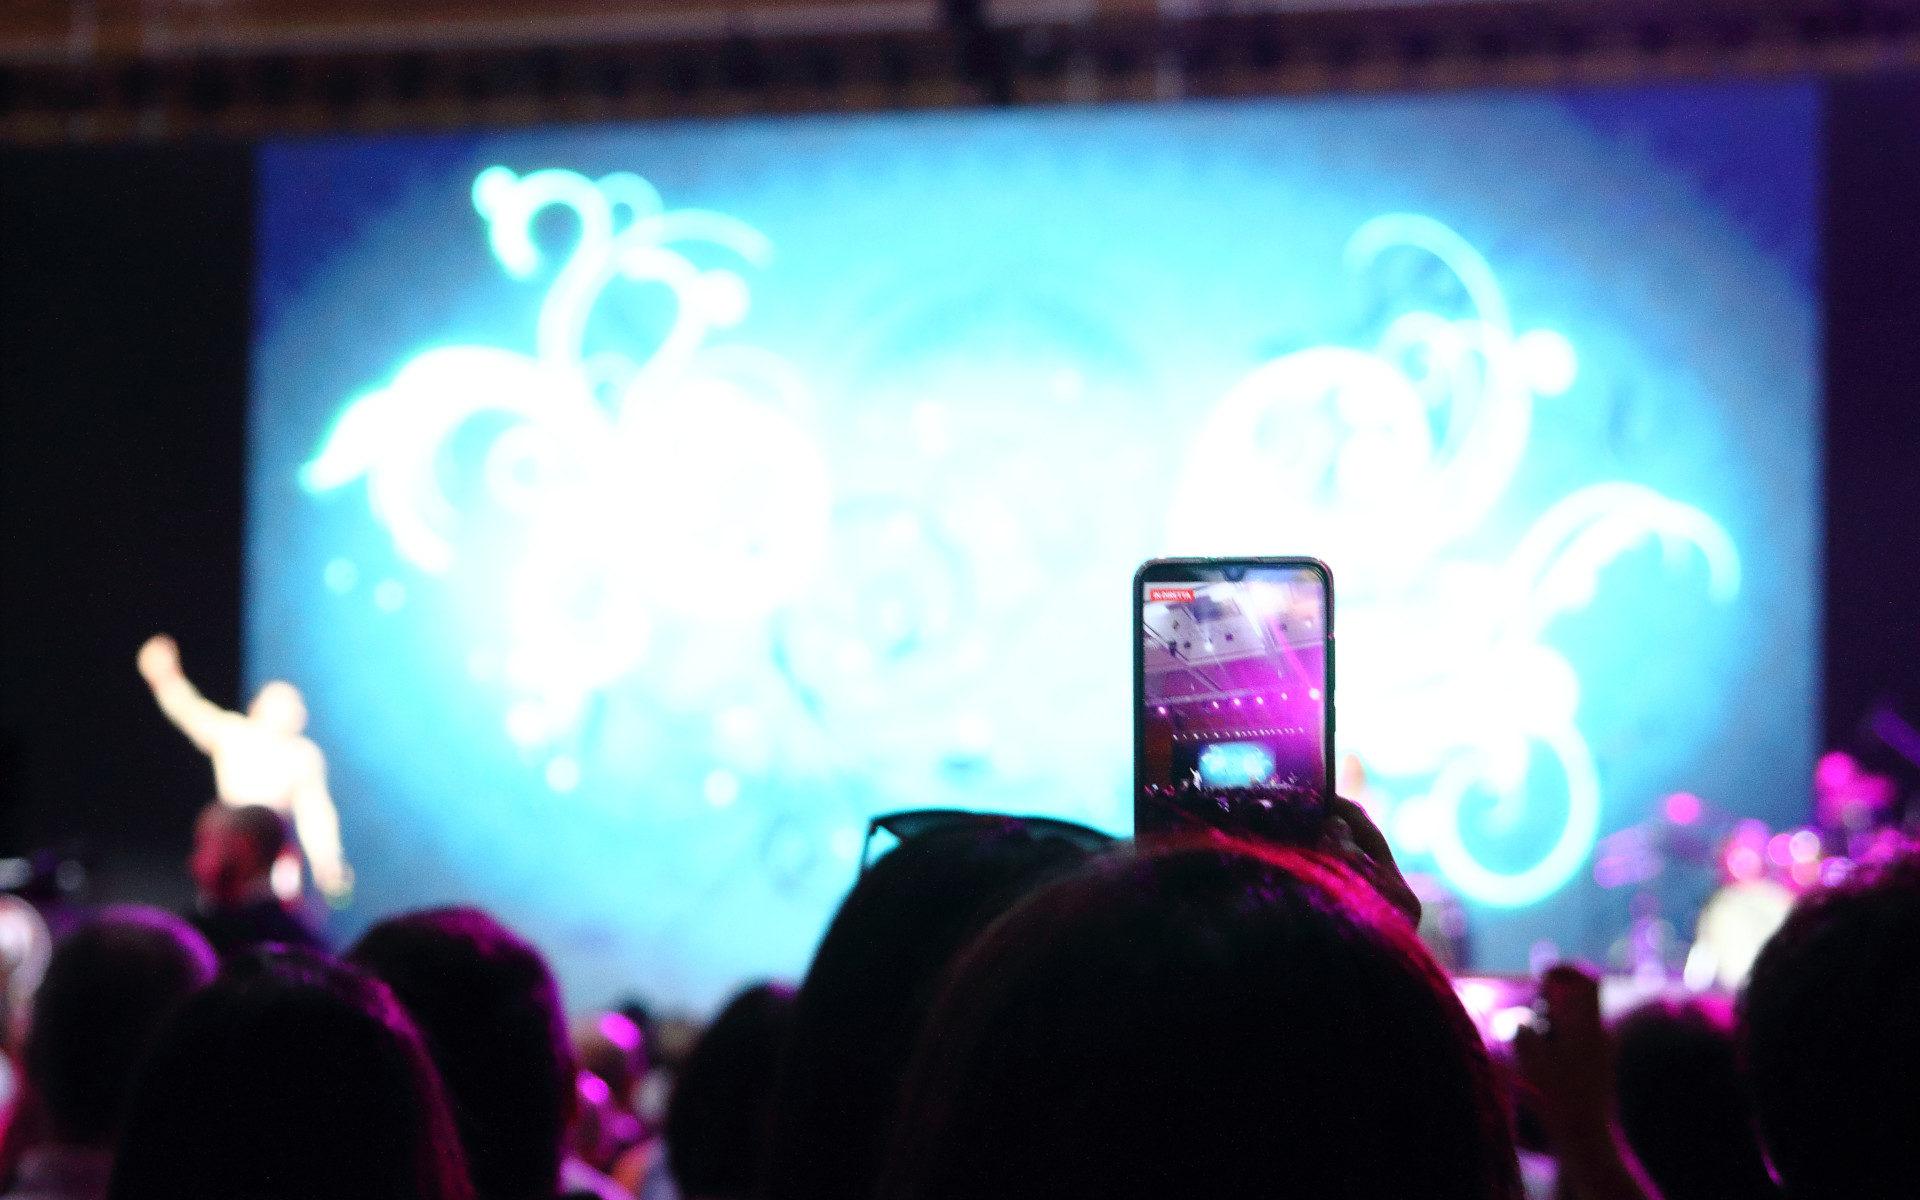 Riprese video ai concerti tramite cellulare